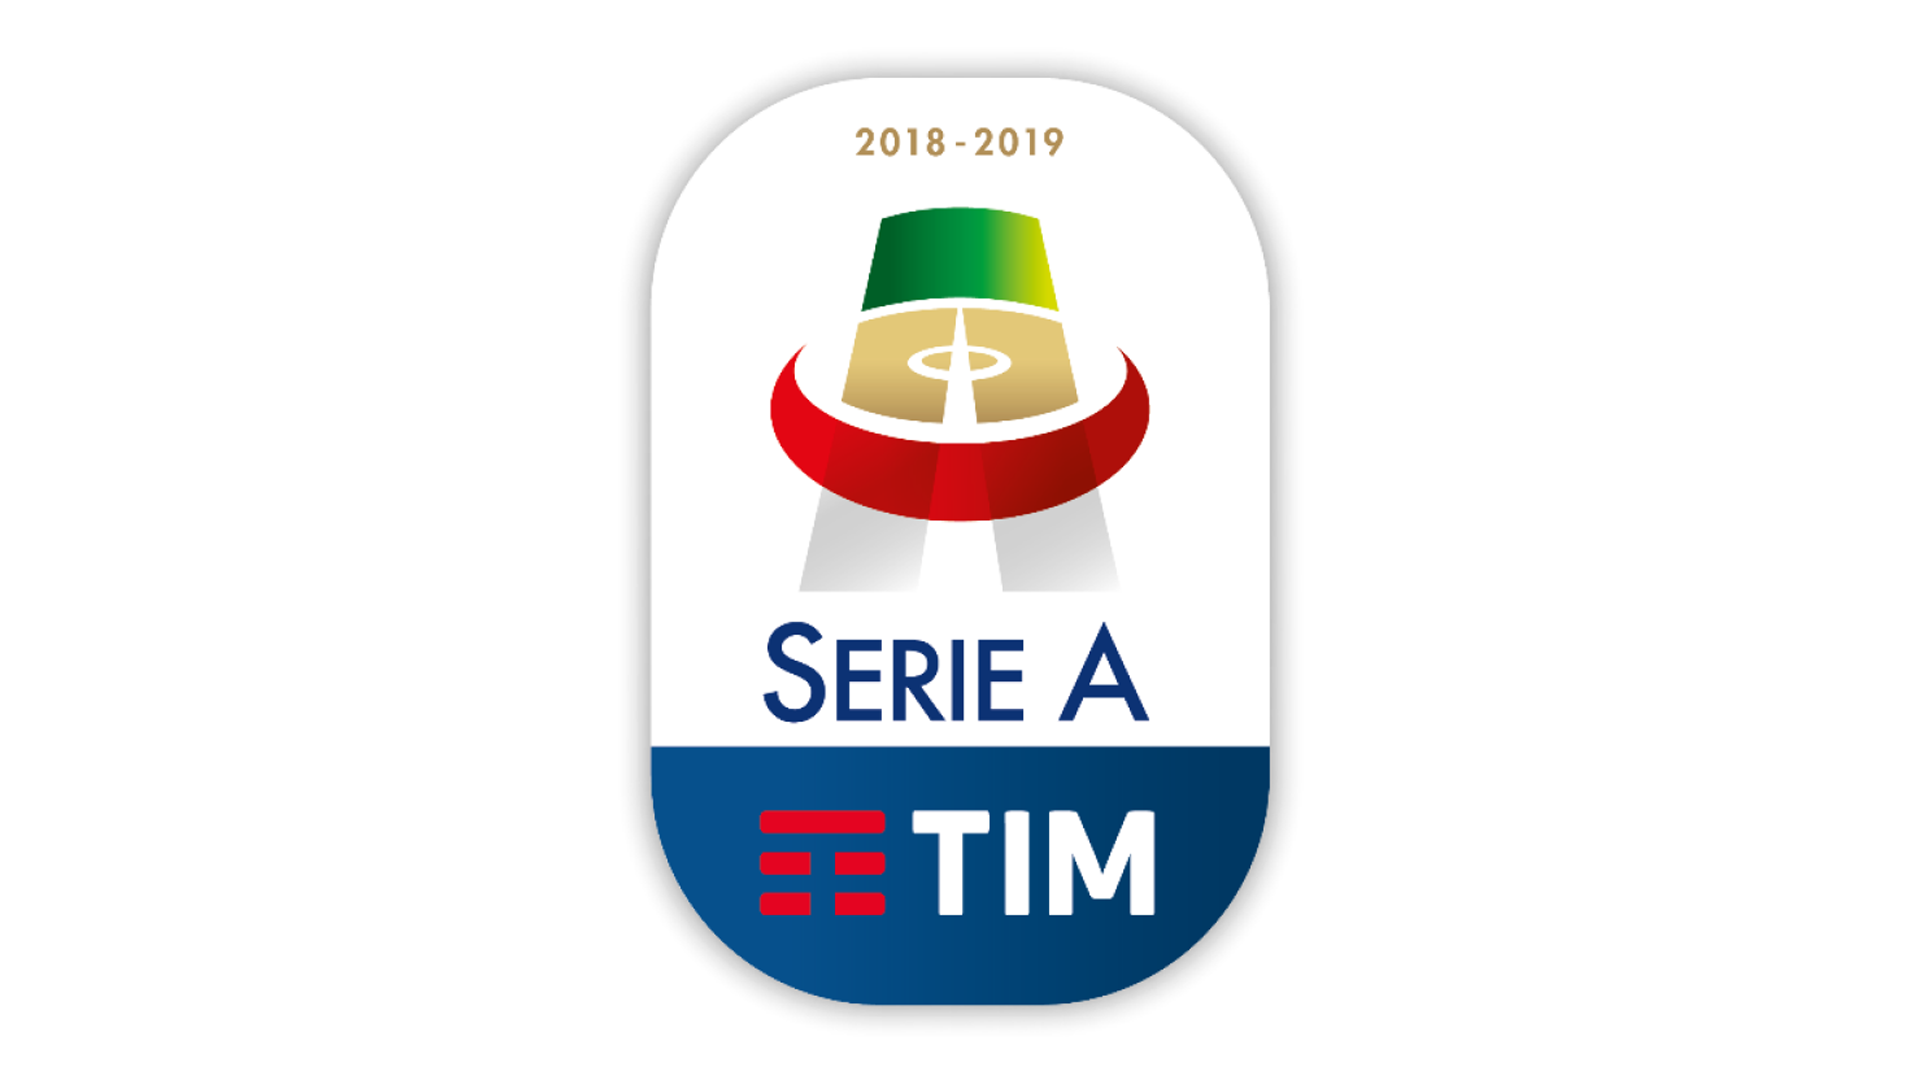 Calendario Serie A 15 Ottobre.Calendario Serie A 2018 2019 Goal Com